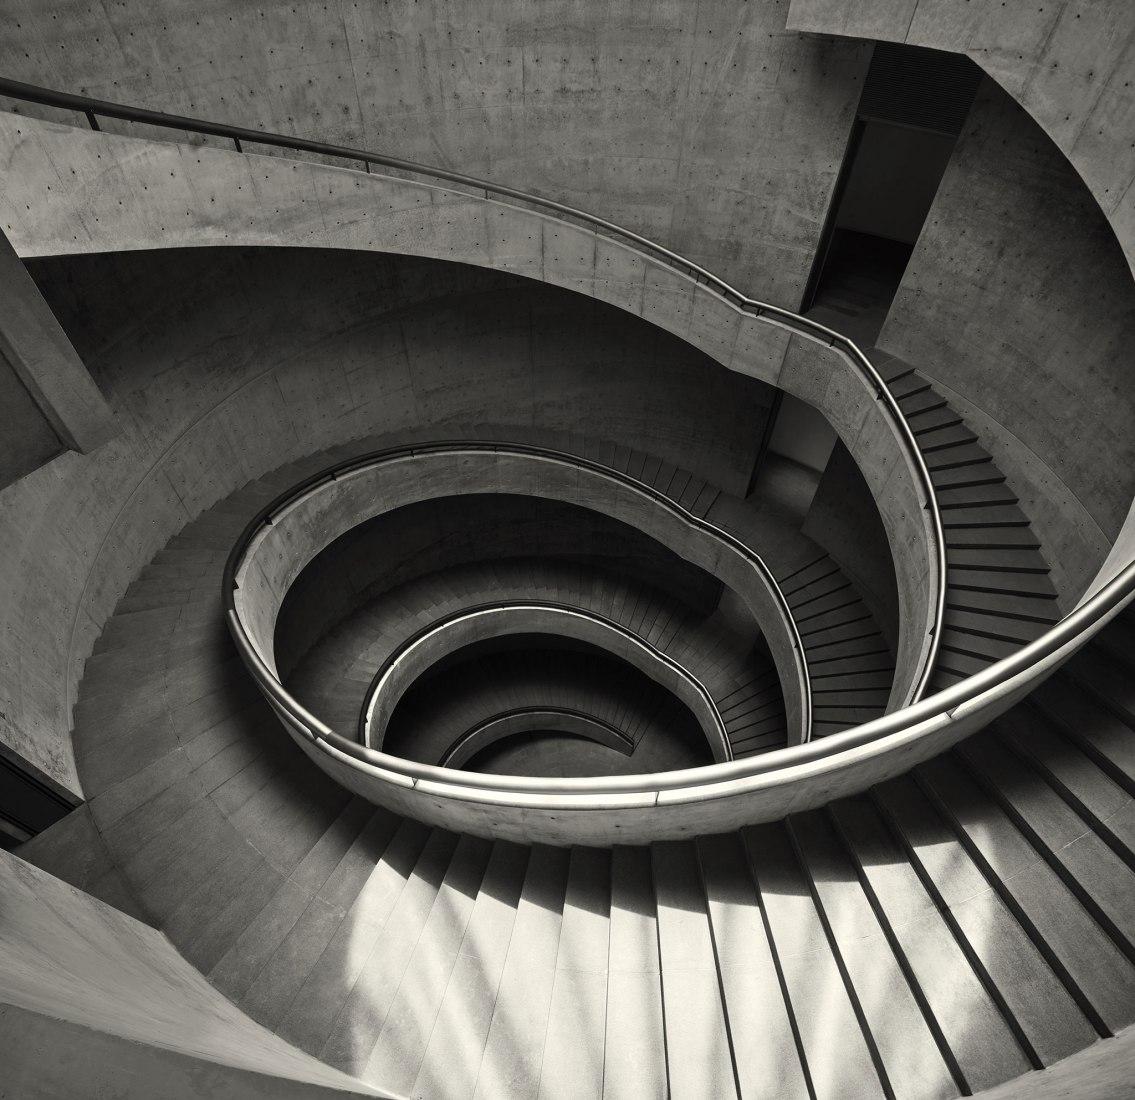 El Museo de Arte He de Tadao Ando Architect & Associates. Imagen cortesía del Museo de Arte He